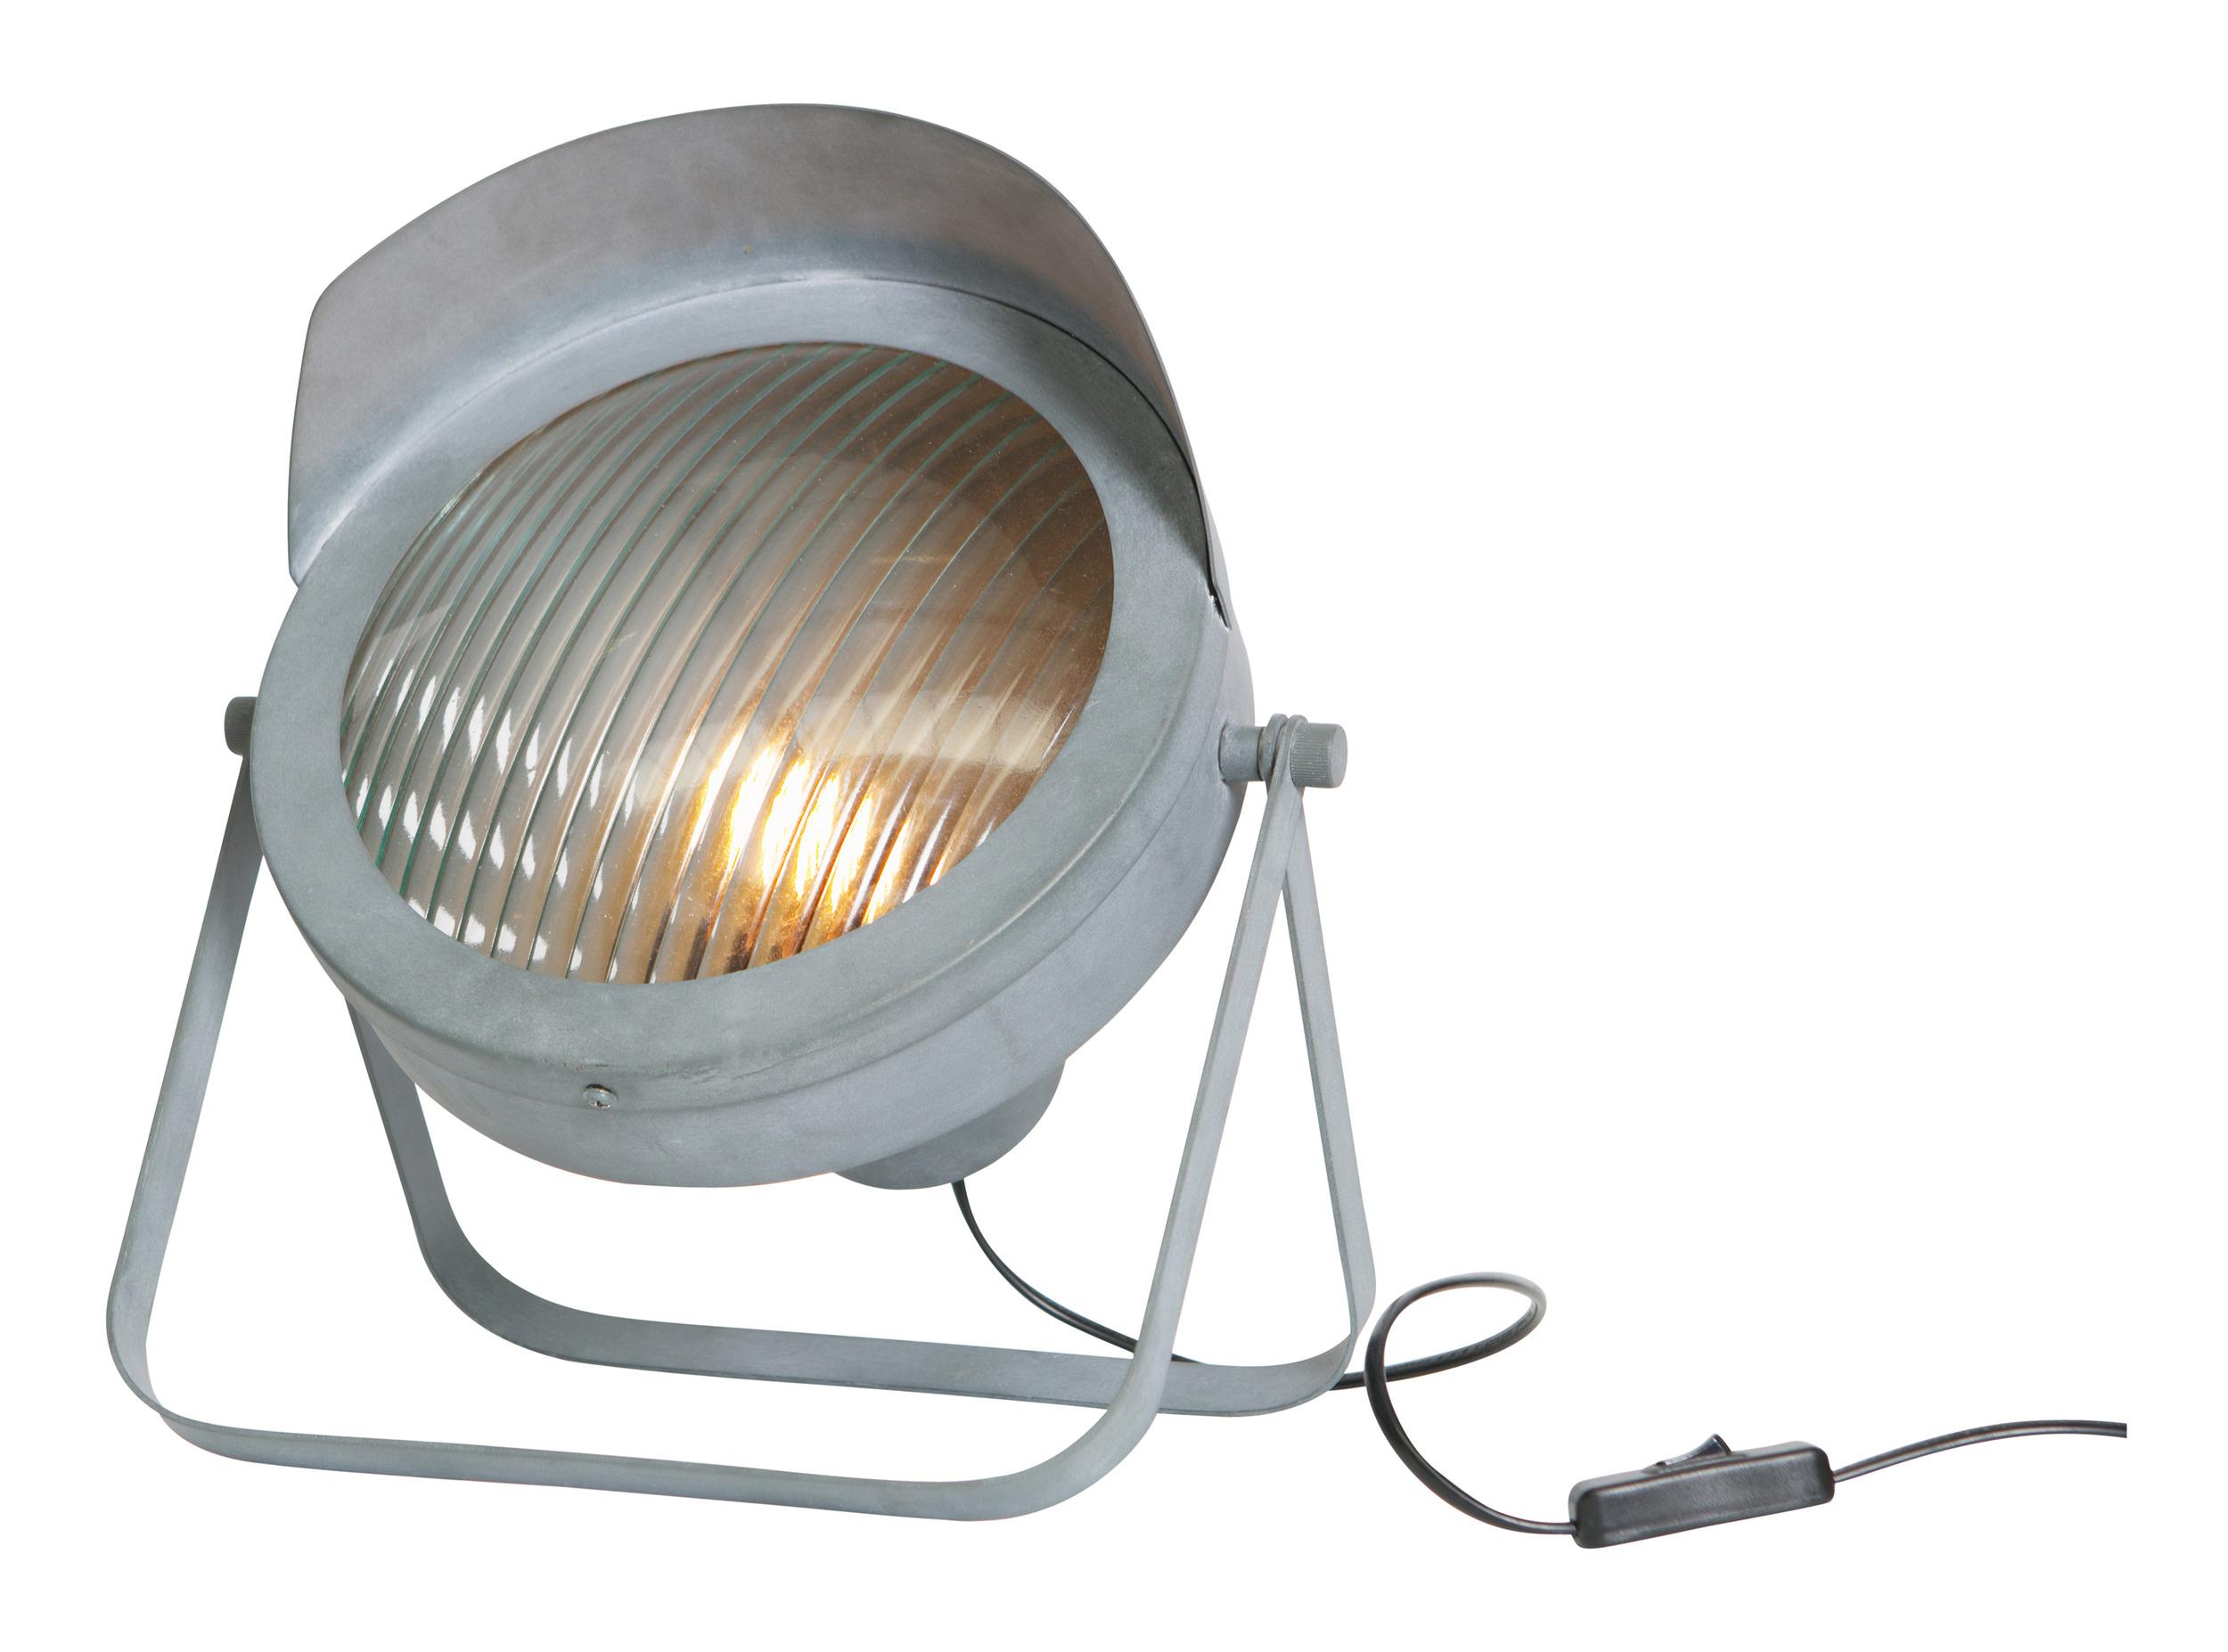 WOOOD Tafellamp 'Lester' kleur Betongrijs korting